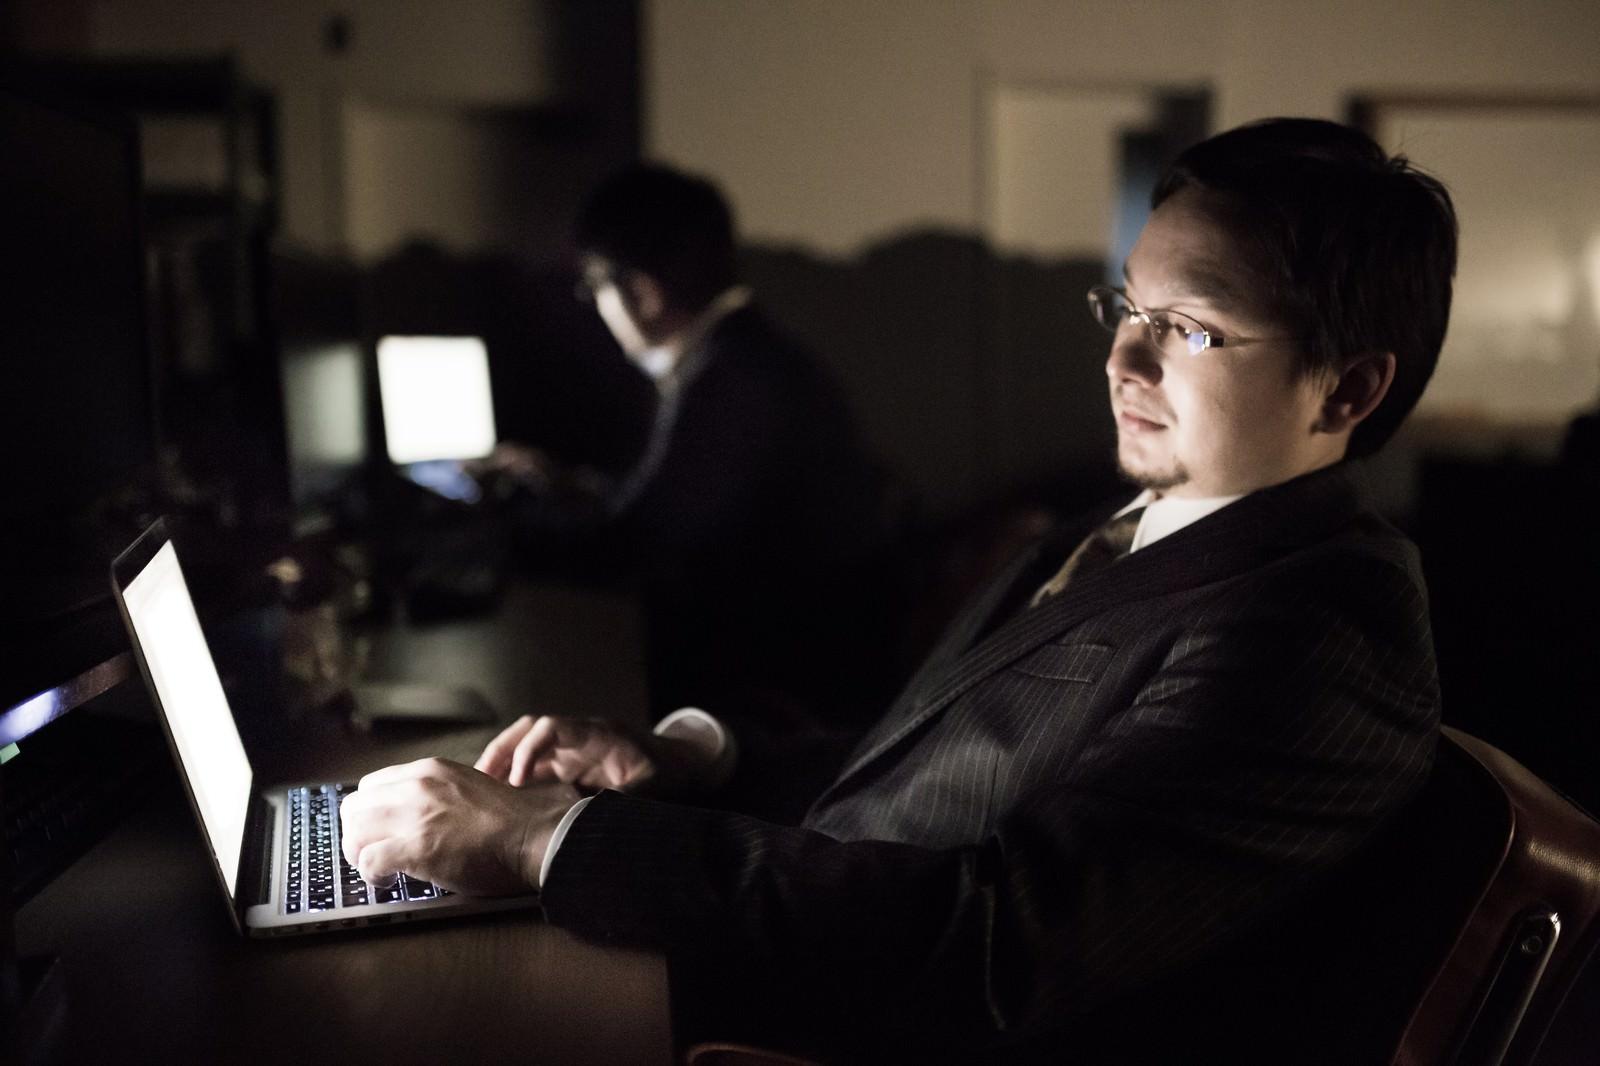 仕事に飽きたときの対処法・モチベーションを上げる方法|転職